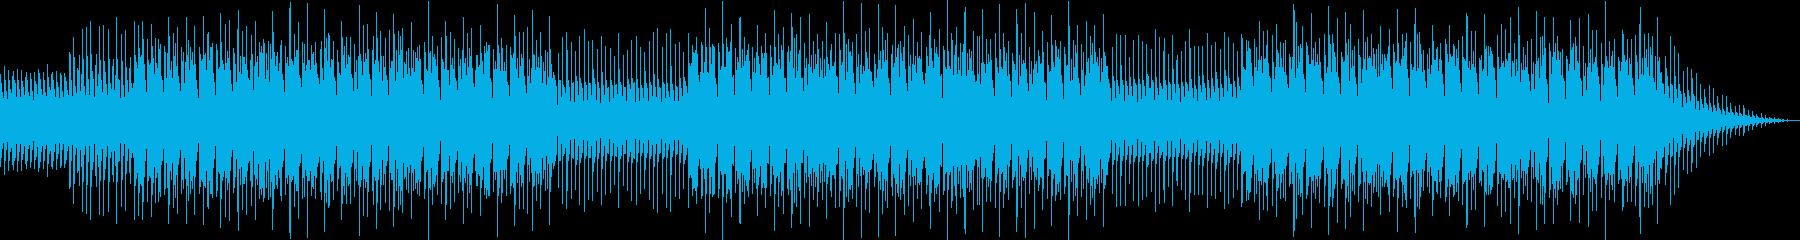 ちょっと切ない爽やか電子音楽_Cの再生済みの波形